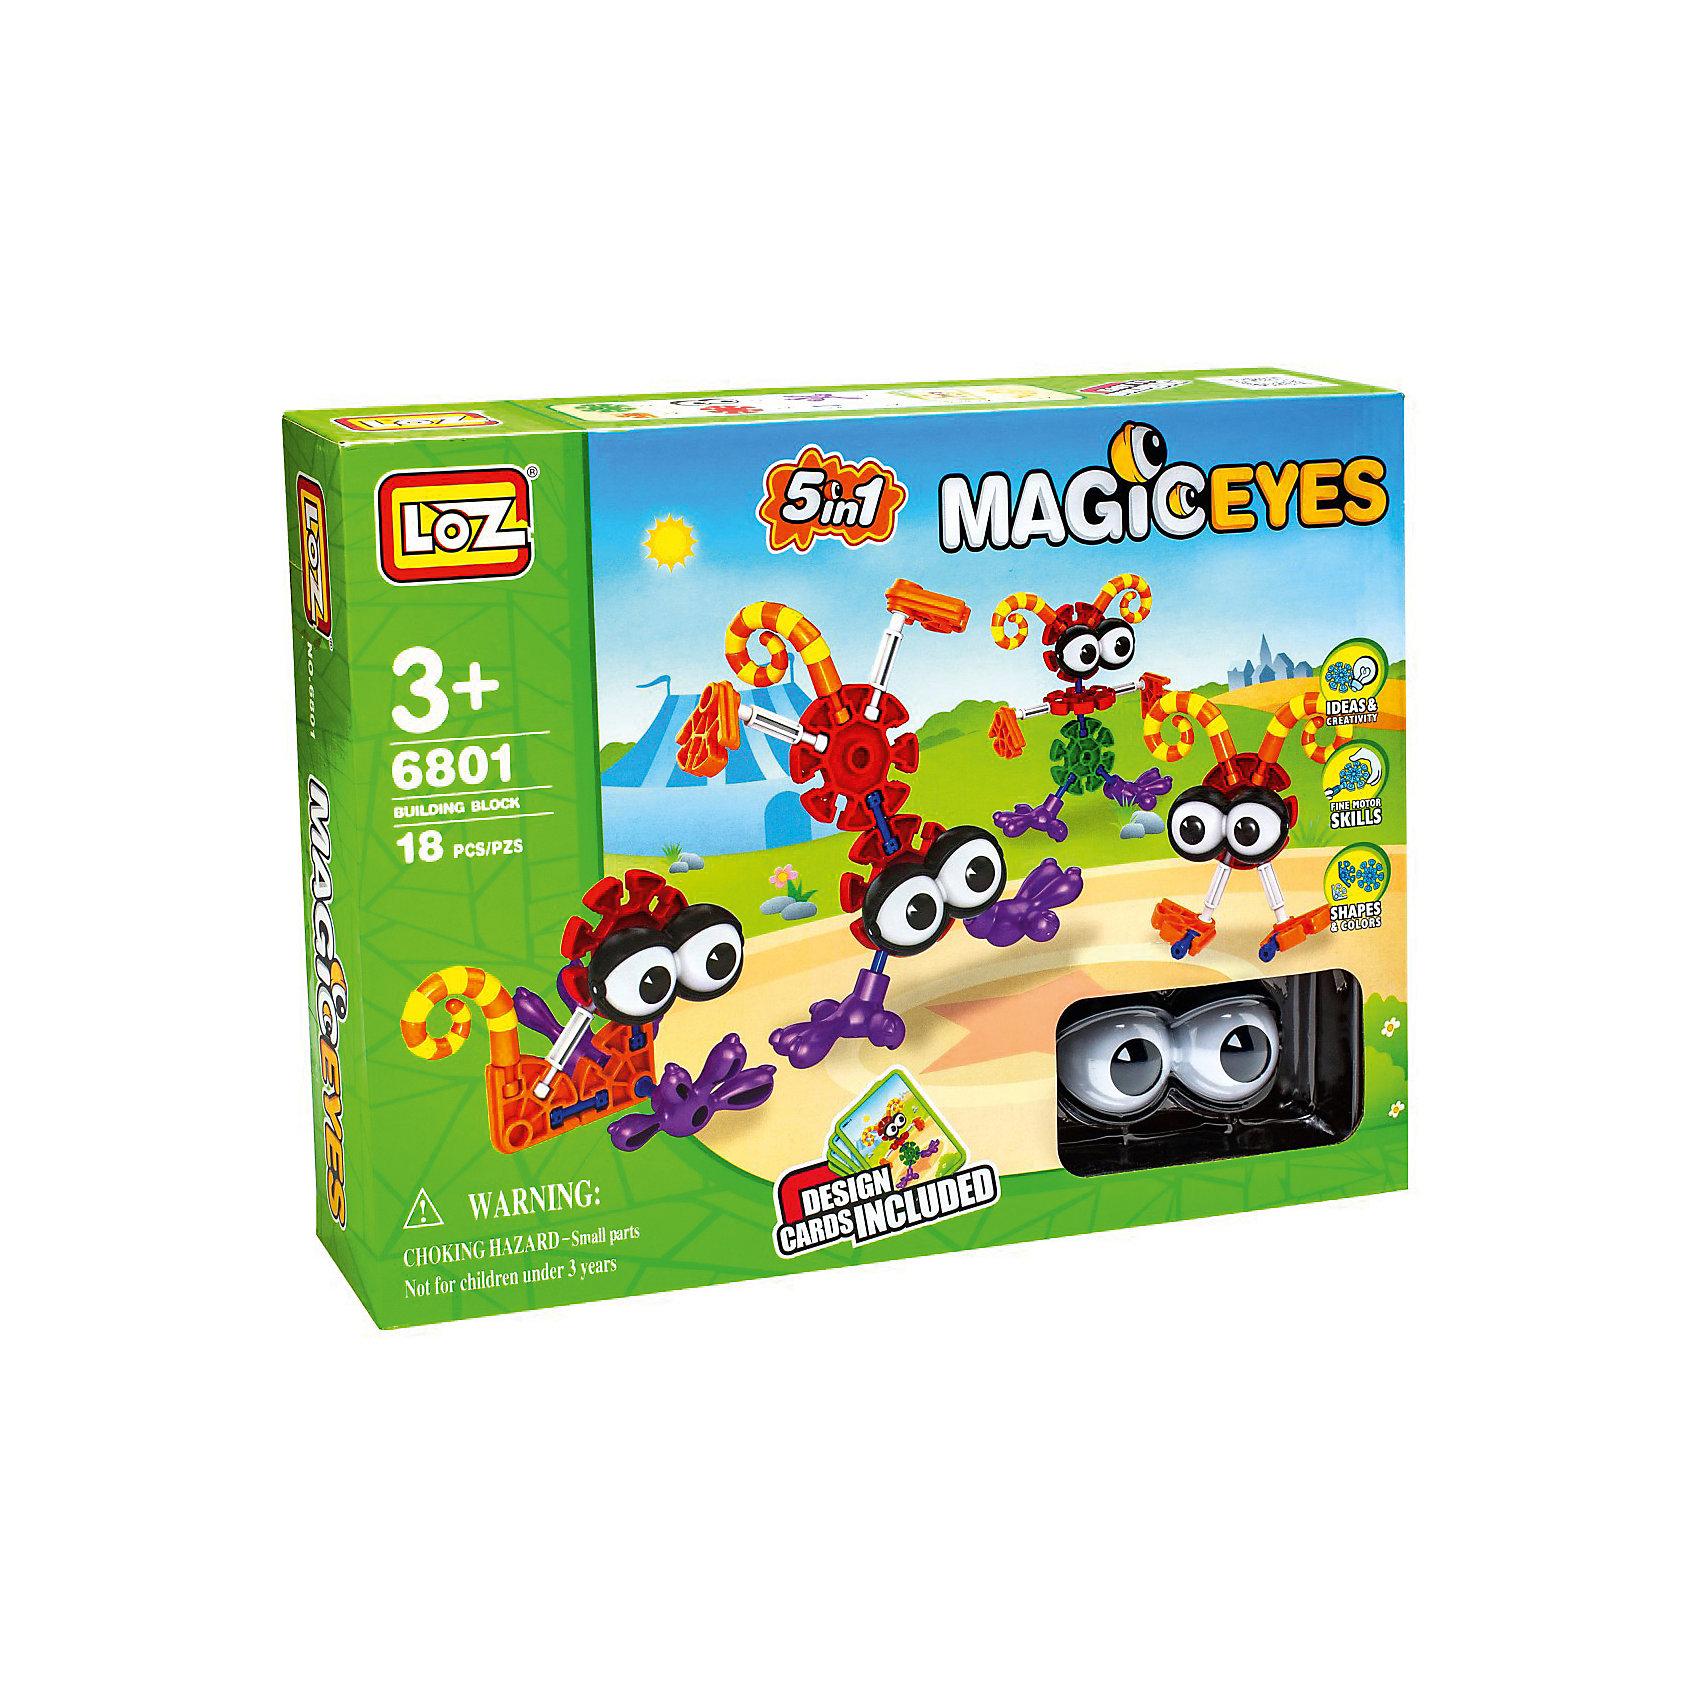 Конструктор Большеглазики, 5 в 1, LozКонструктор Большеглазики, 5 в 1, Loz<br><br> Модель: 5 в 1 будет замечательным подарком для Вашего ребенка. С его помощью Ваш ребенок сможет собрать 5 моделей забавных глазастиков. Такая игрушка хорошо влияет на развитие у ребенка мелкой моторики, логического мышления, внимательности и усидчивости.<br><br>Дополнительная информация:<br><br>В наборе 18 деталей + инструкция. <br>Материал: пластмасса.<br><br>Конструктор Большеглазики, 5 в 1, Loz можно купить в нашем интернет-магазине.<br><br>Ширина мм: 60<br>Глубина мм: 300<br>Высота мм: 225<br>Вес г: 440<br>Возраст от месяцев: 96<br>Возраст до месяцев: 192<br>Пол: Мужской<br>Возраст: Детский<br>SKU: 5124664